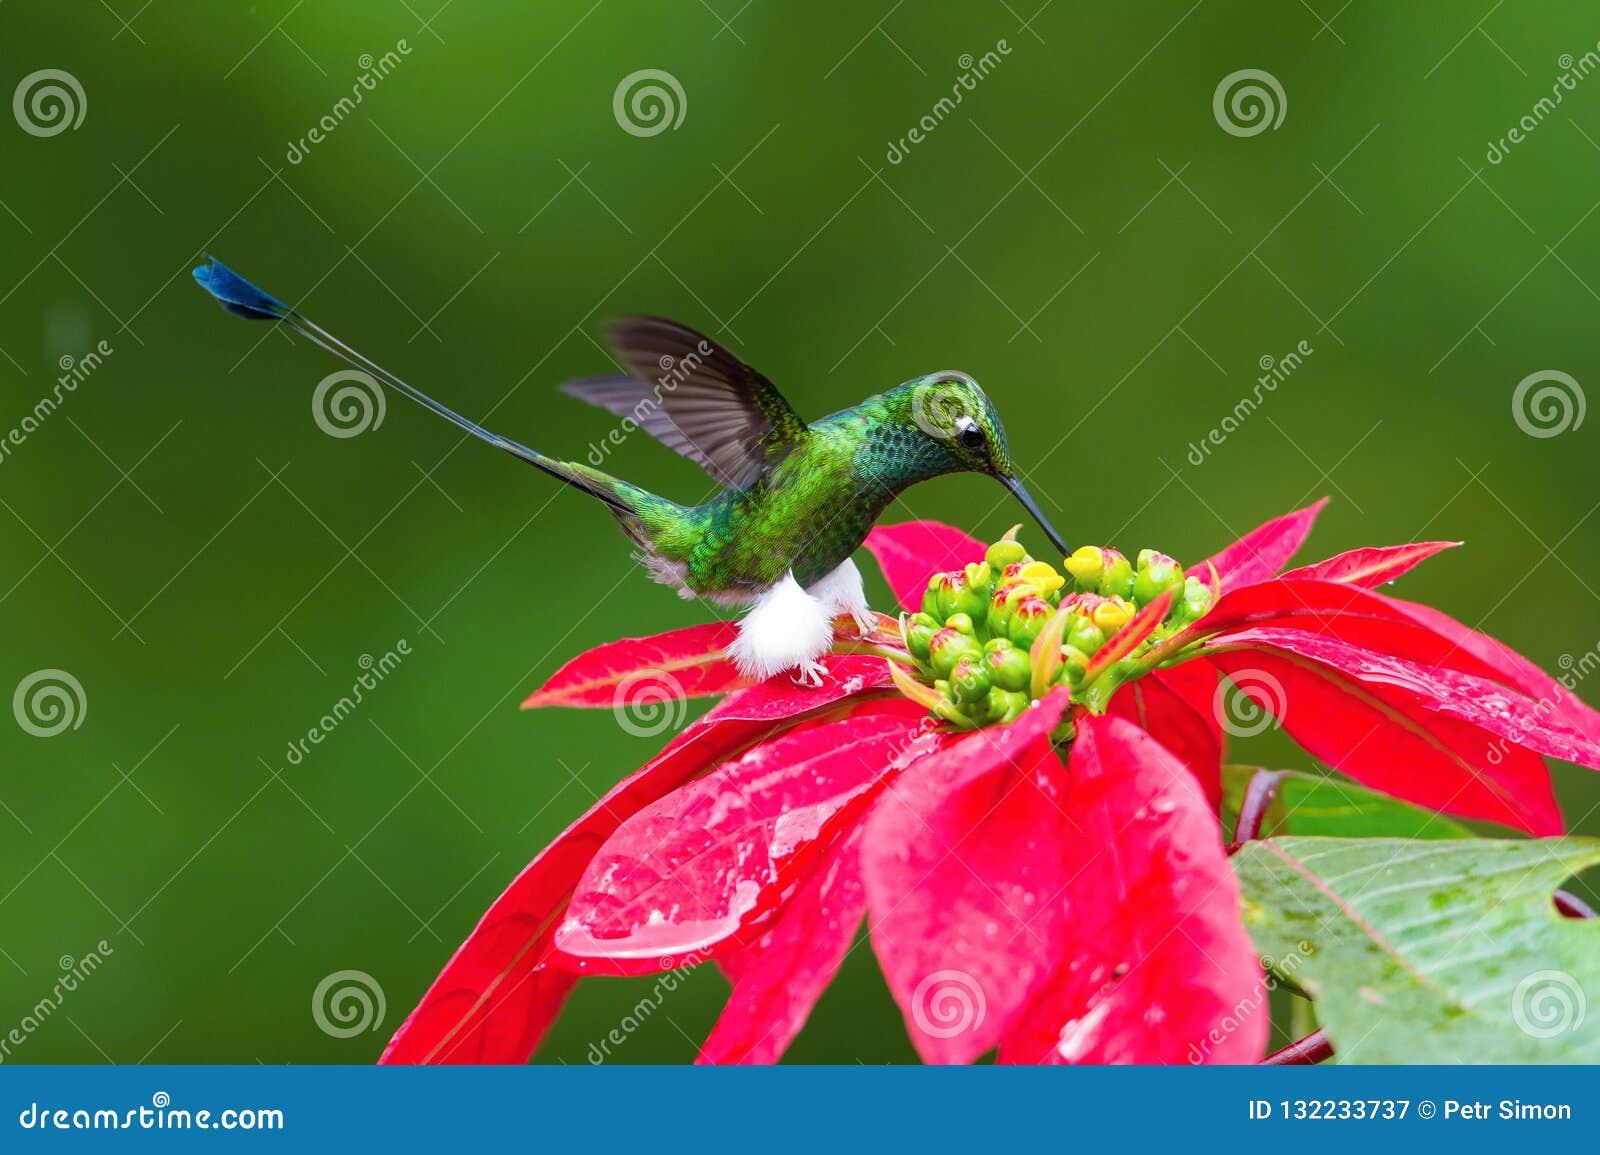 De Kolibrie hangt en drinkt de nectar van de mooie bloem